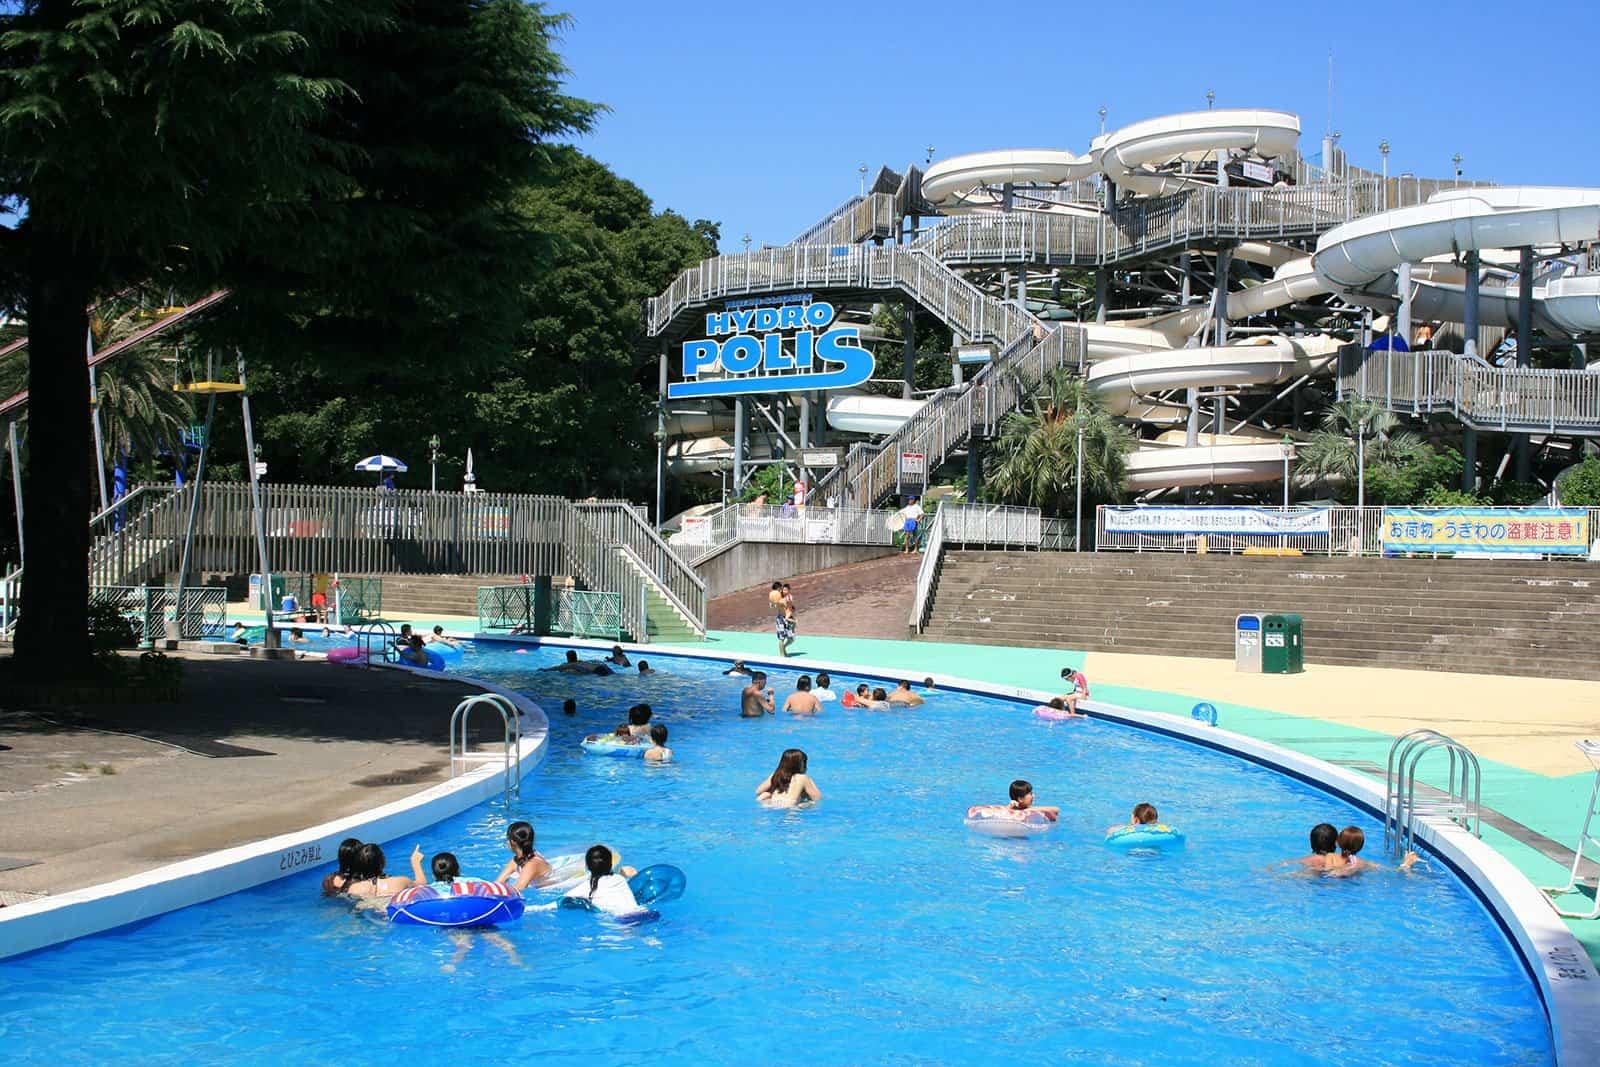 สวนน้ำขนาดใหญ่ในโทชิมะเอ็น